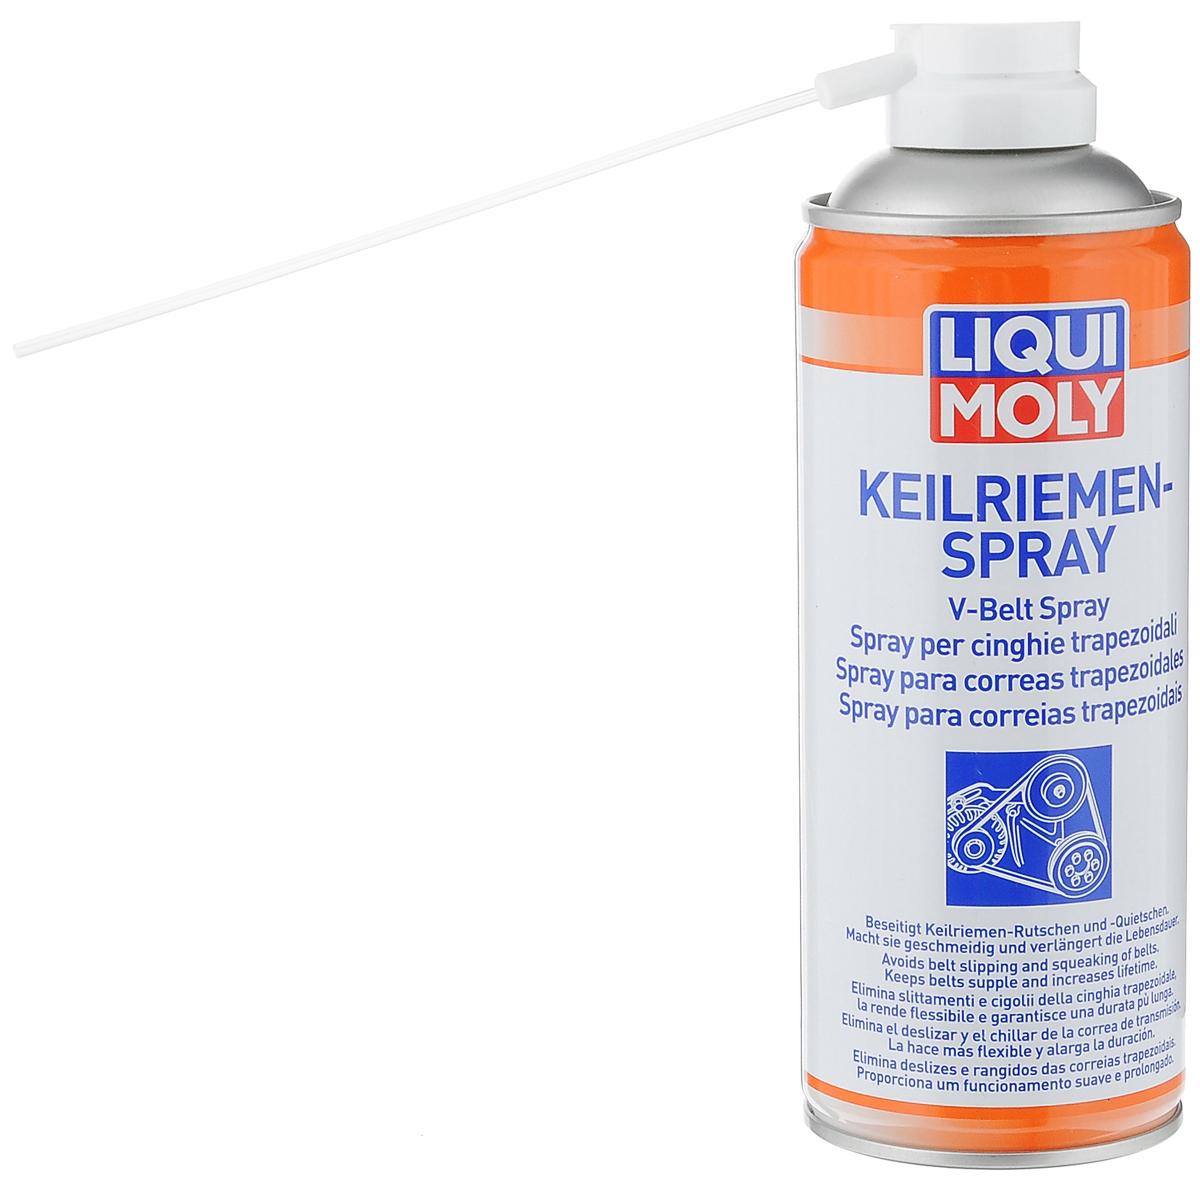 Спрей для клинового ремня LiquiMoly Keilriemen-Spray, 0,4 л4085Спрей LiquiMoly Keilriemen-Spray - это прекрасное профессиональное средство для восстановления старых изношенных приводных клиновых и поликлиновых ремней (генератора, гидроусилителя руля, вариатора, водяного насоса, кондиционера и другого). Устраняет скрип и проскальзывание. Быстро, безопасно и эффективно очищает поверхность от масляных и других видов загрязнений, увеличивает эластичность резинового слоя, при постоянной обработке предотвращается растрескивание и повышается срок службы. Способствует увеличению КПД передачи. Состав: ацетон, диметиловый эфир, нефтяные компоненты, пропеллент бутан.